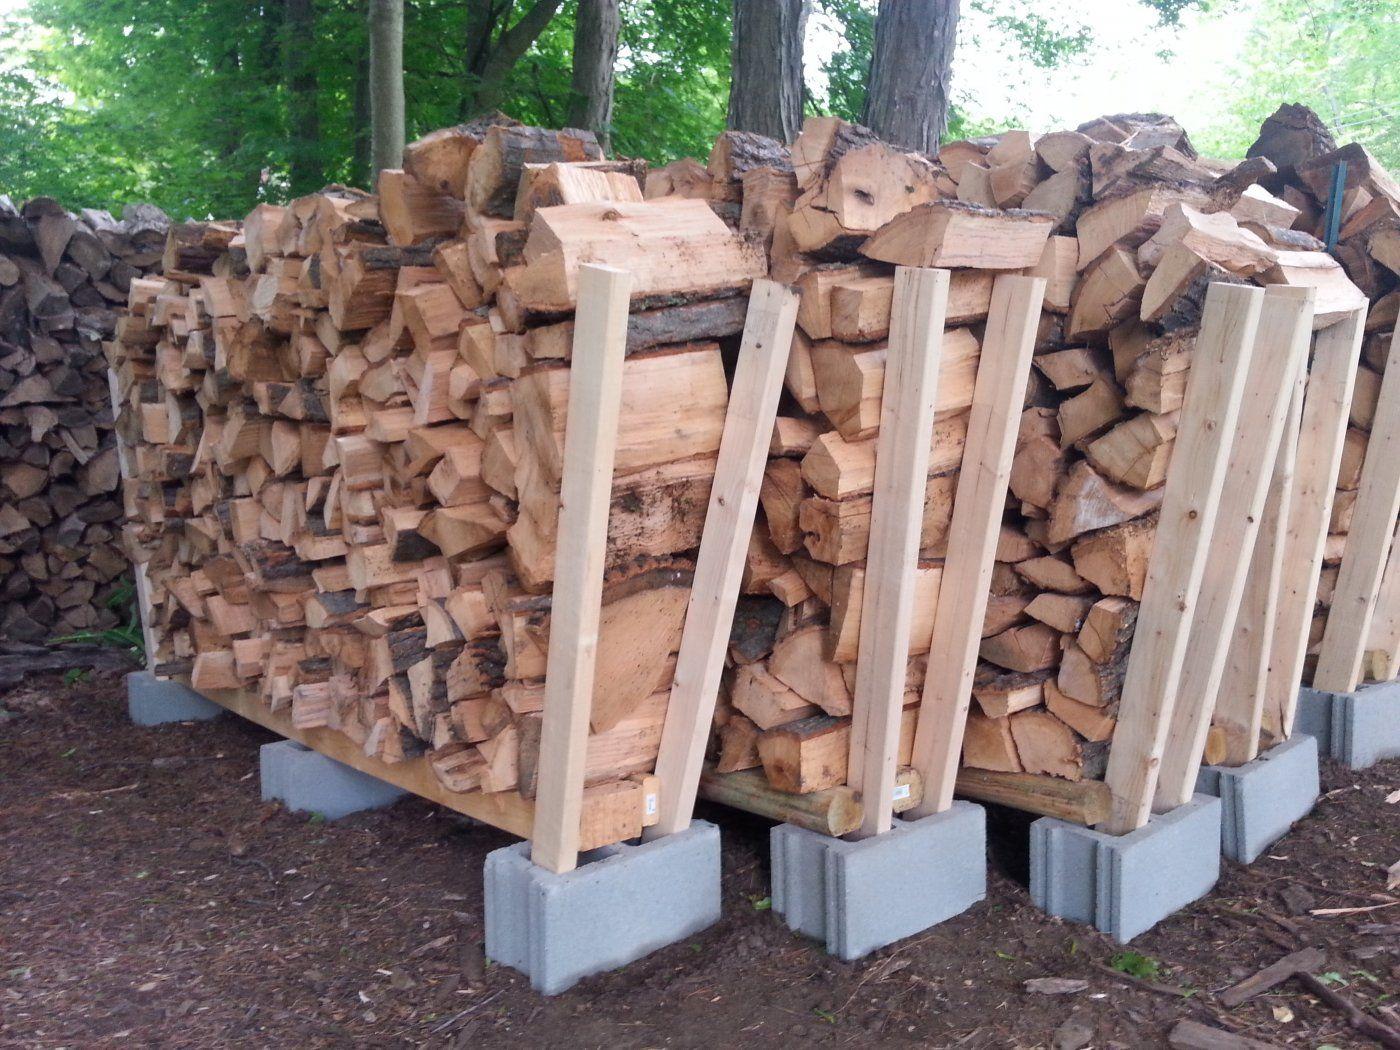 Pingl par chipie titi sur stockage de bois de chauffage for Combien de parpaing par palette